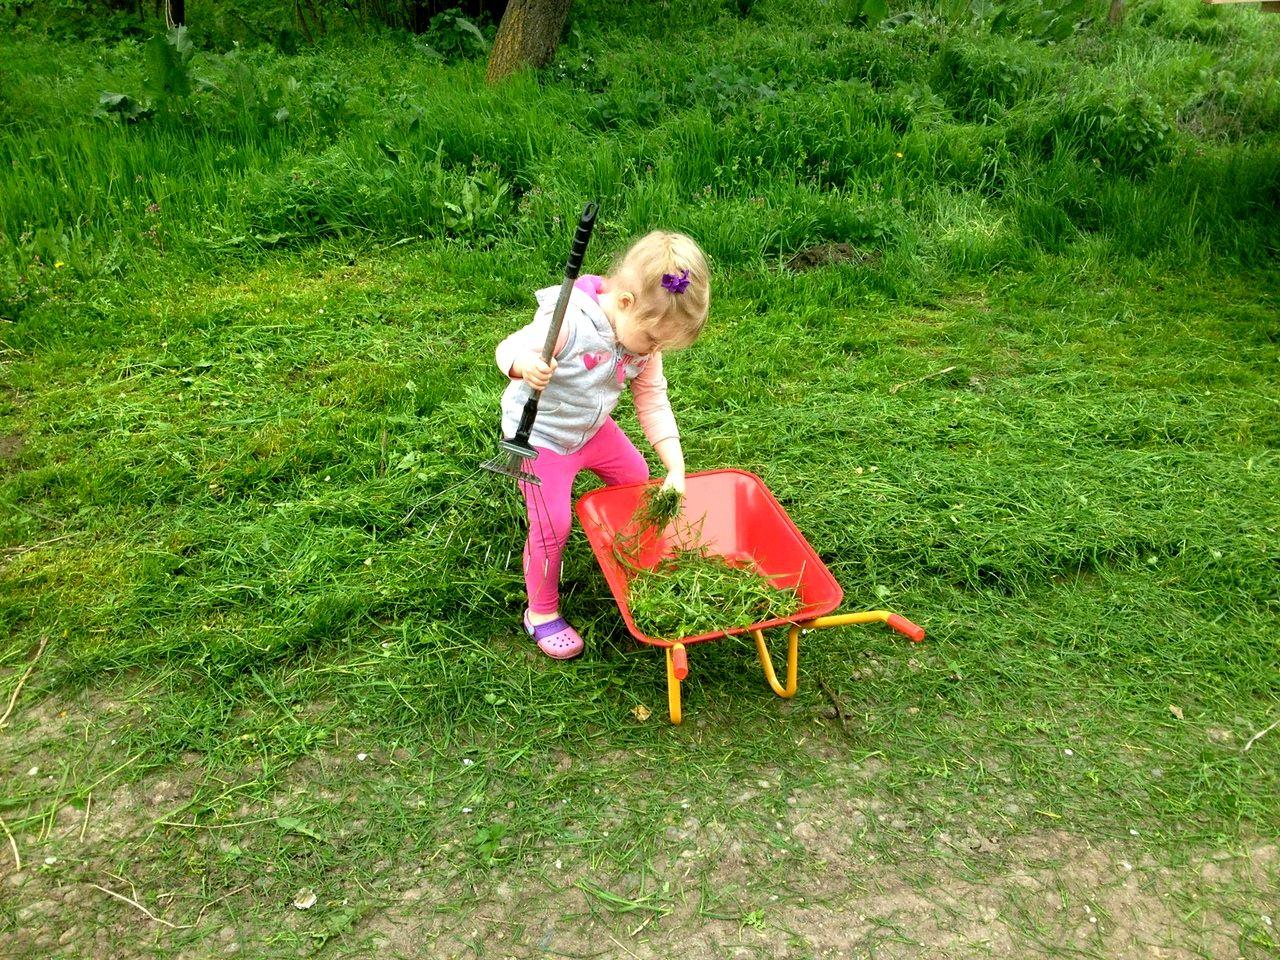 Какие игрушки можно дать детям на природе (2).jpg